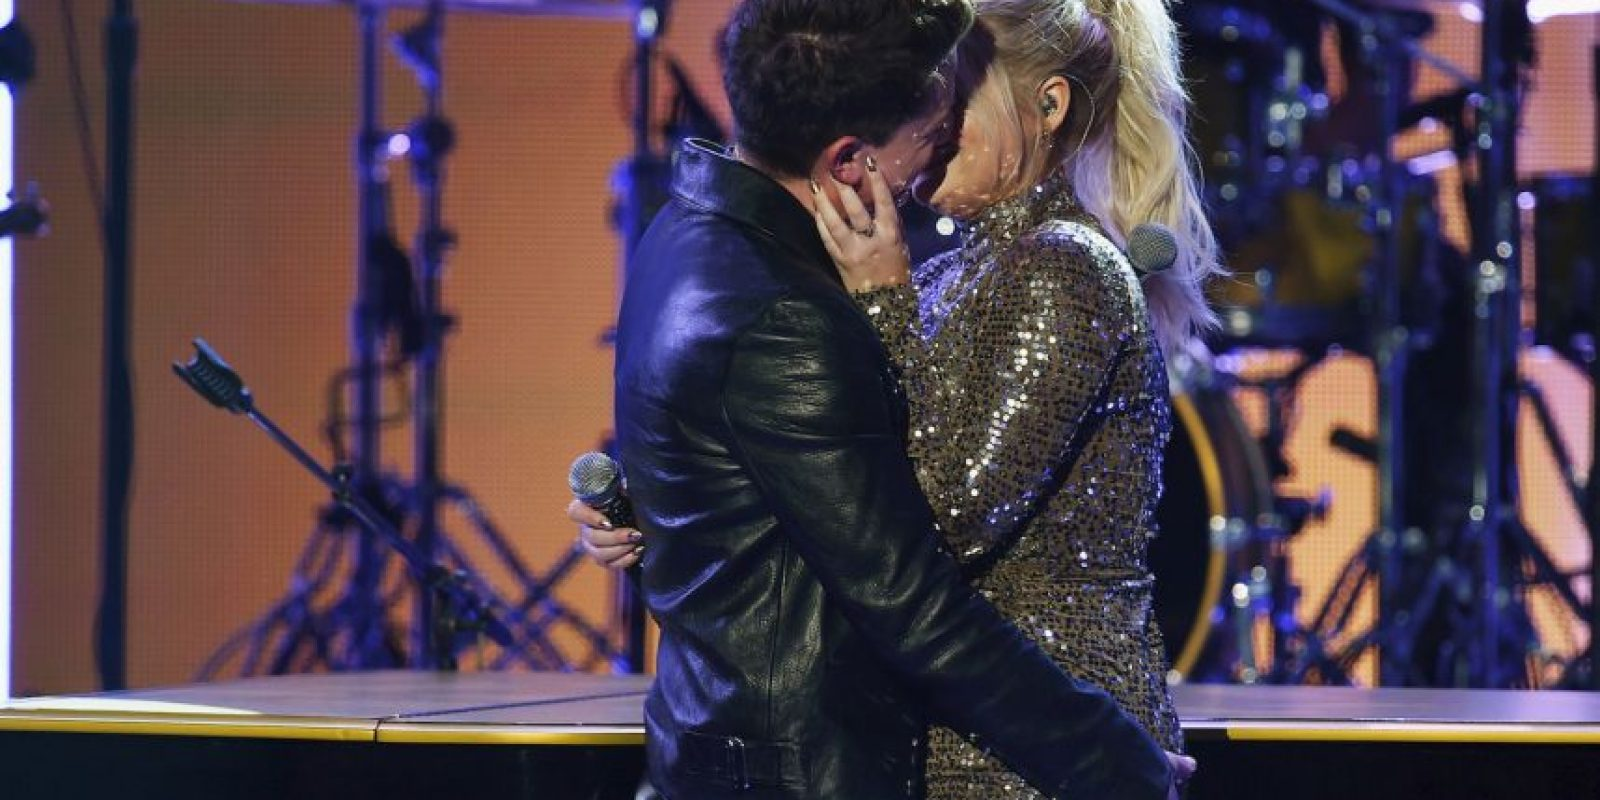 El apasionado beso entre Meghan Trainor y Charlie Puth Foto:Getty Images